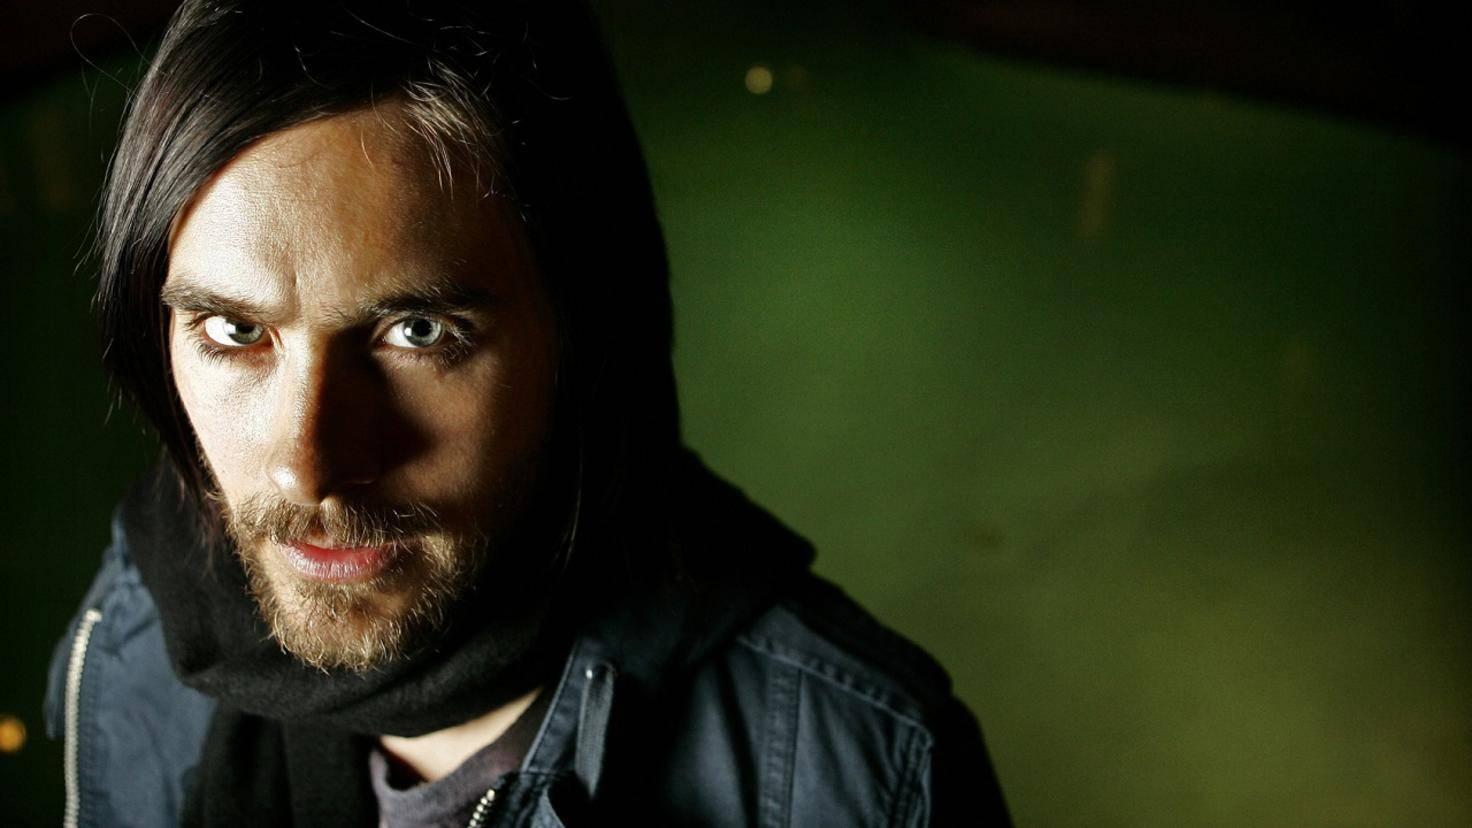 Jared Leto war an Jacks Rolle interessiert, konnte sich aber nicht zu einem Vorsprechen durchringen.